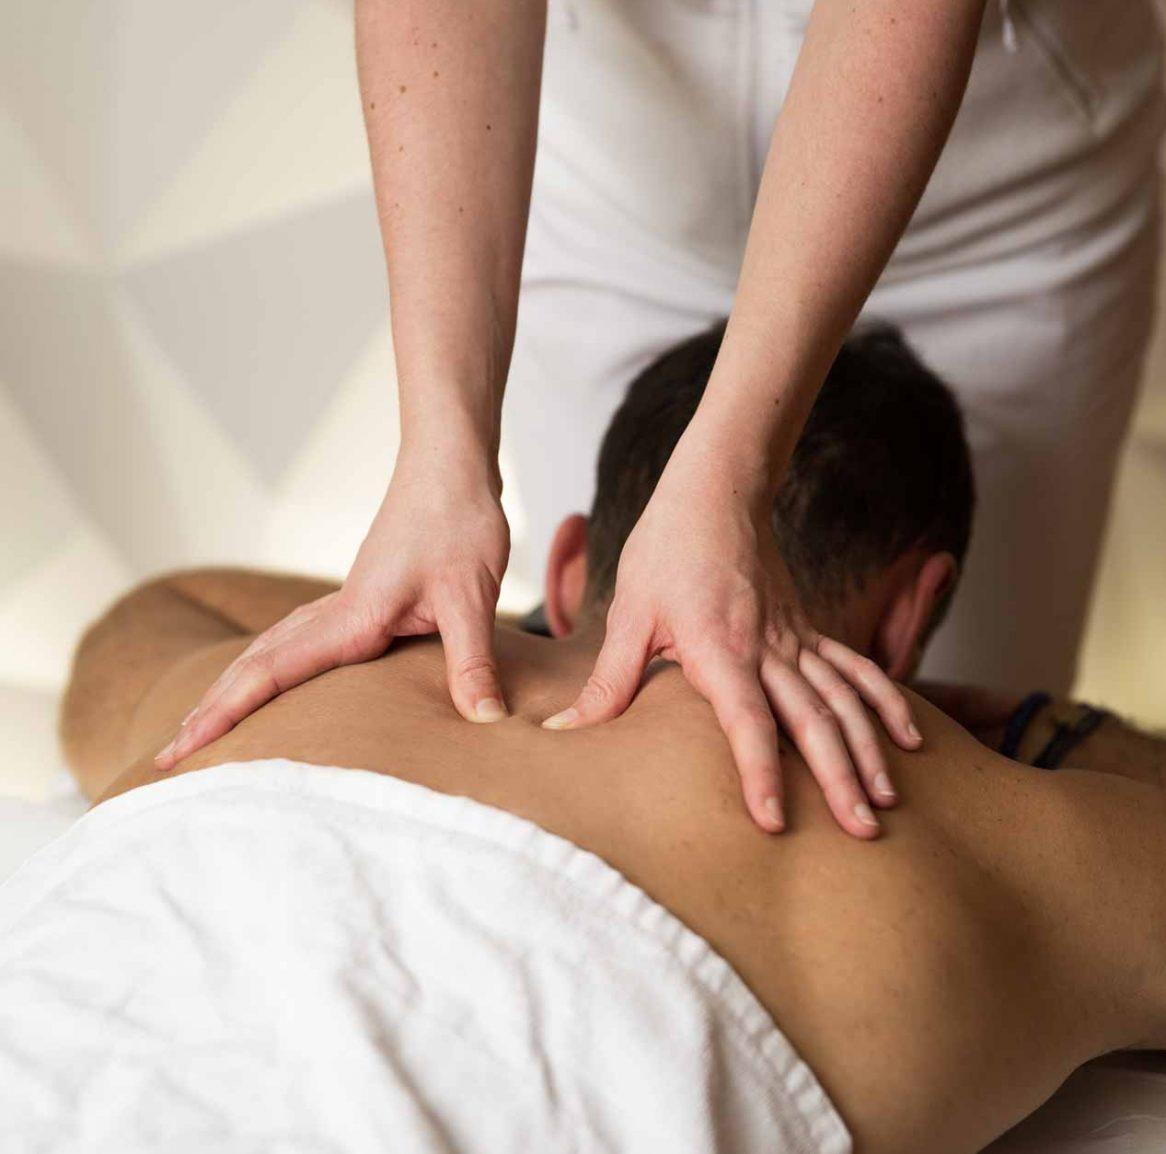 Massage-Deep-Tissue-bienfaits-polecryo-paris.jpg